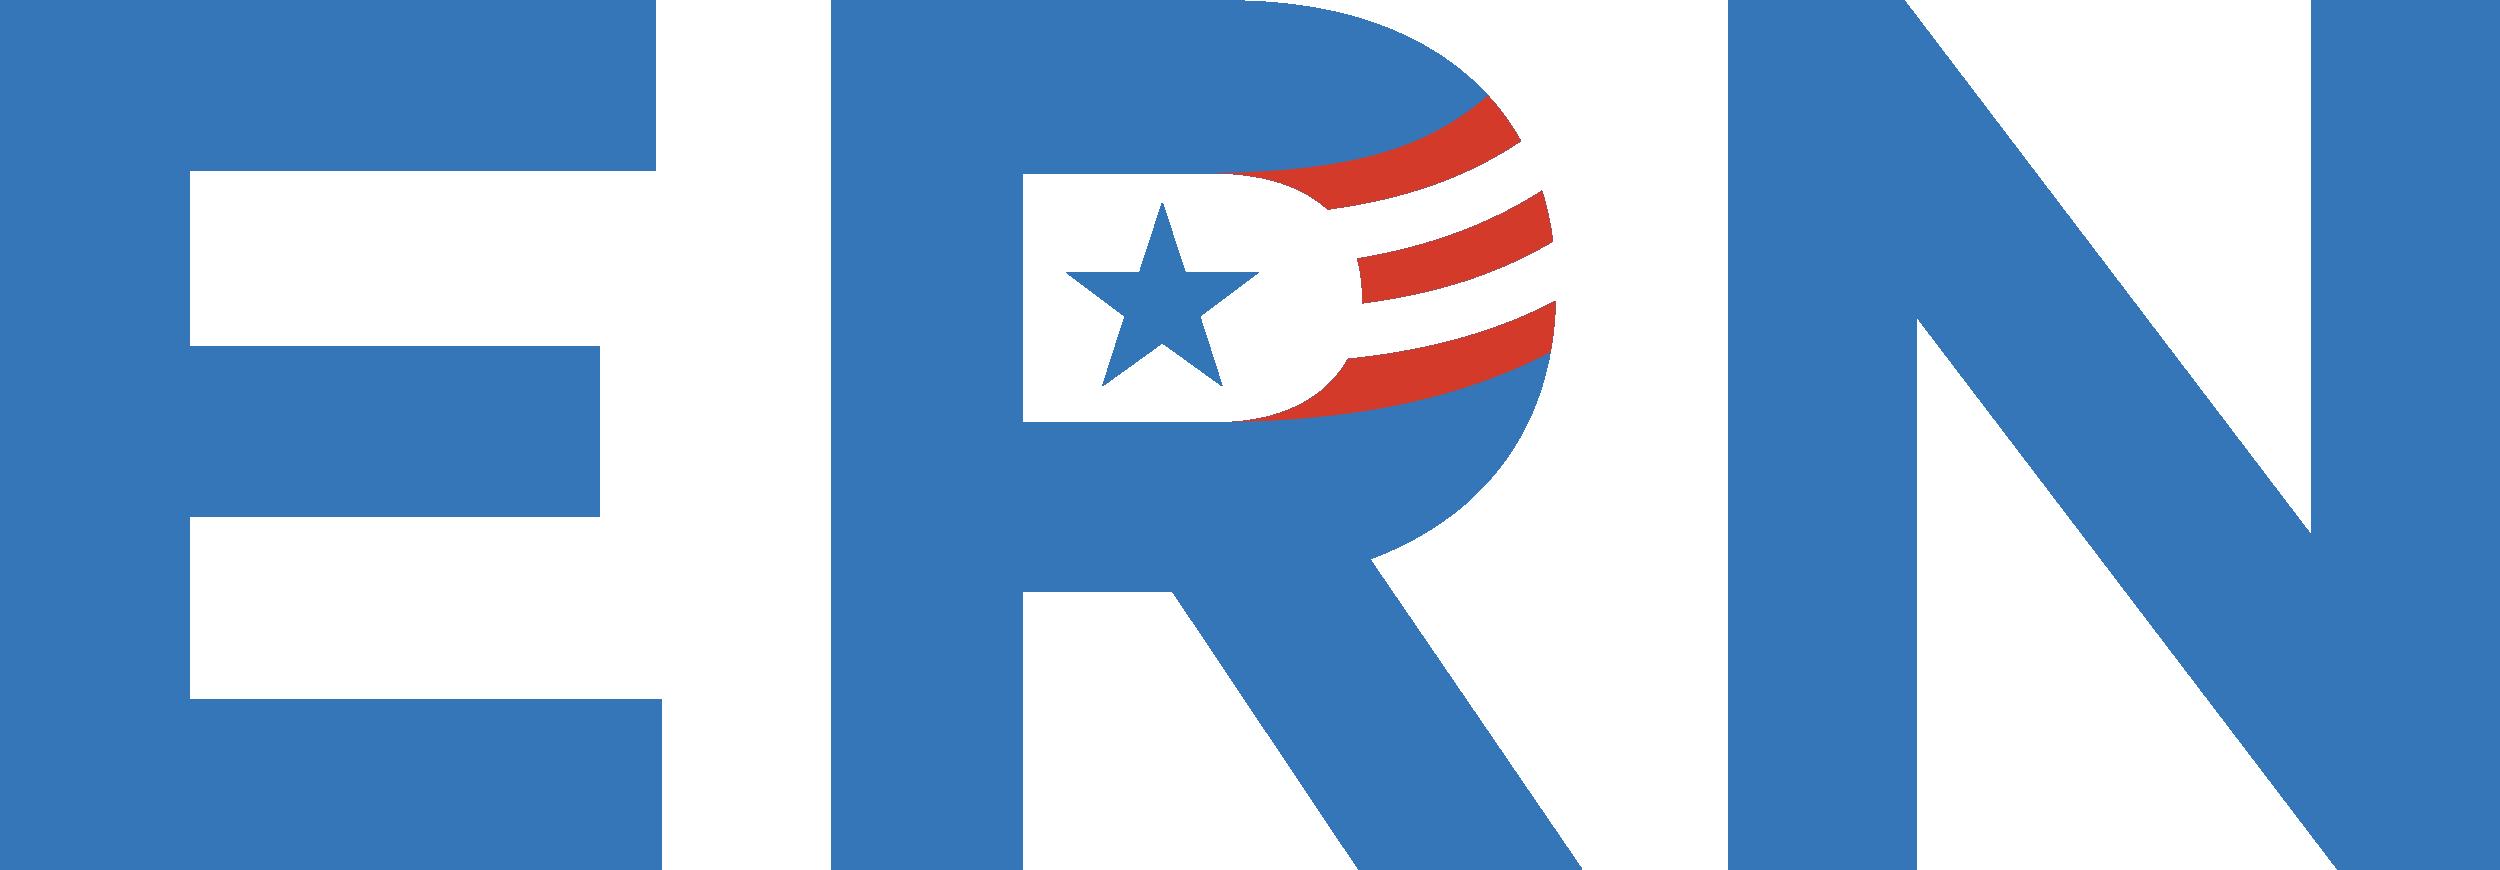 ERN-logo-primary-RGB